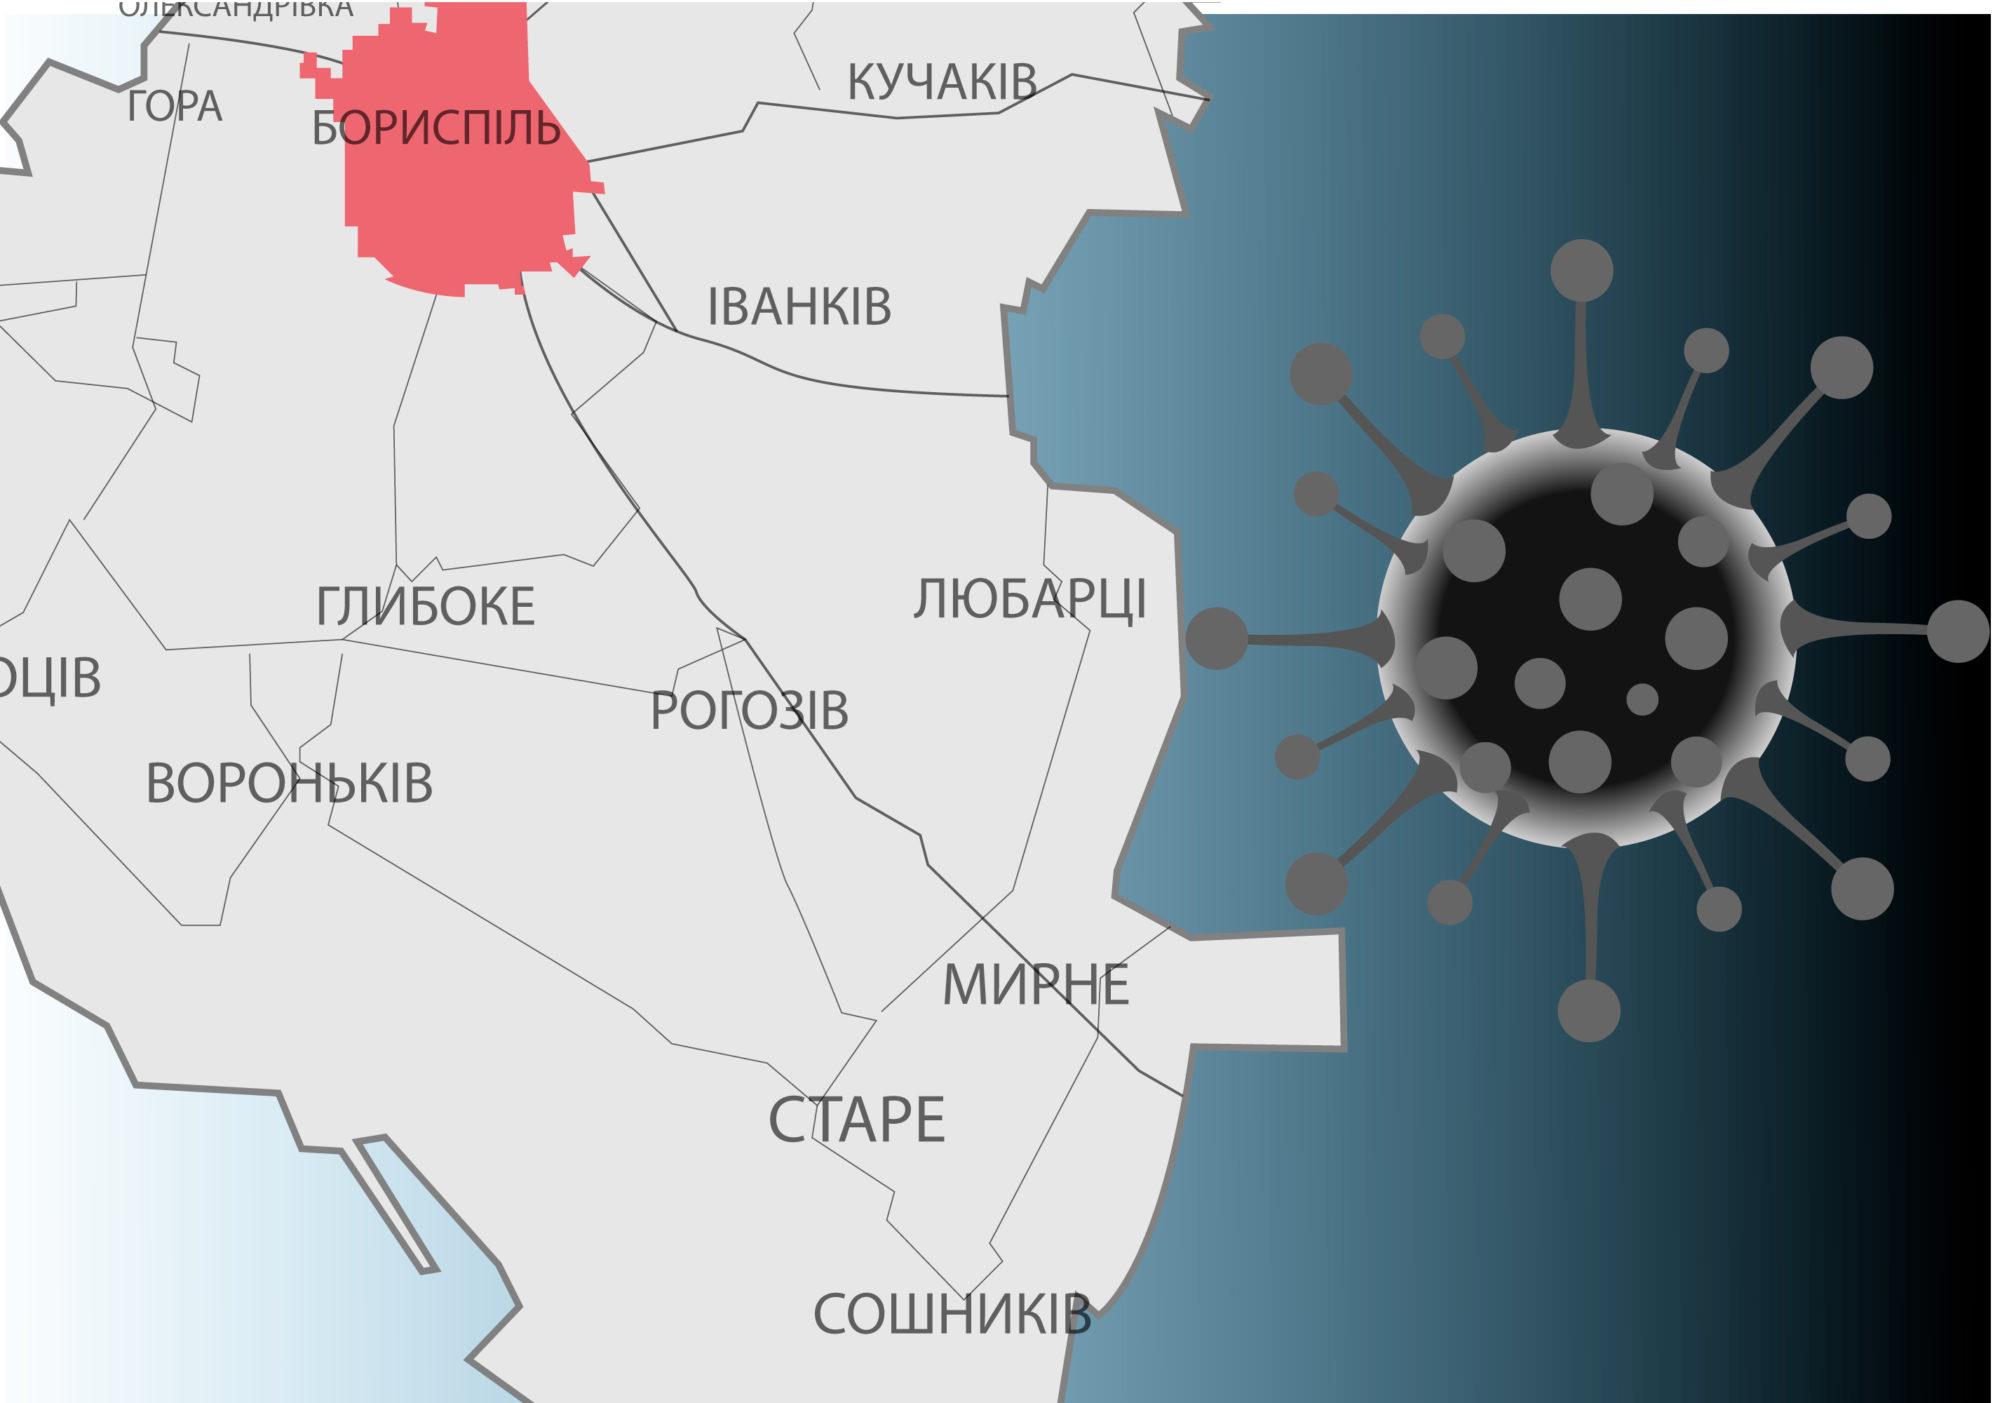 27 в Борисполі та 14 в районі: статистика хворих на коронавірус -  - BORISPOL7 2000x1403